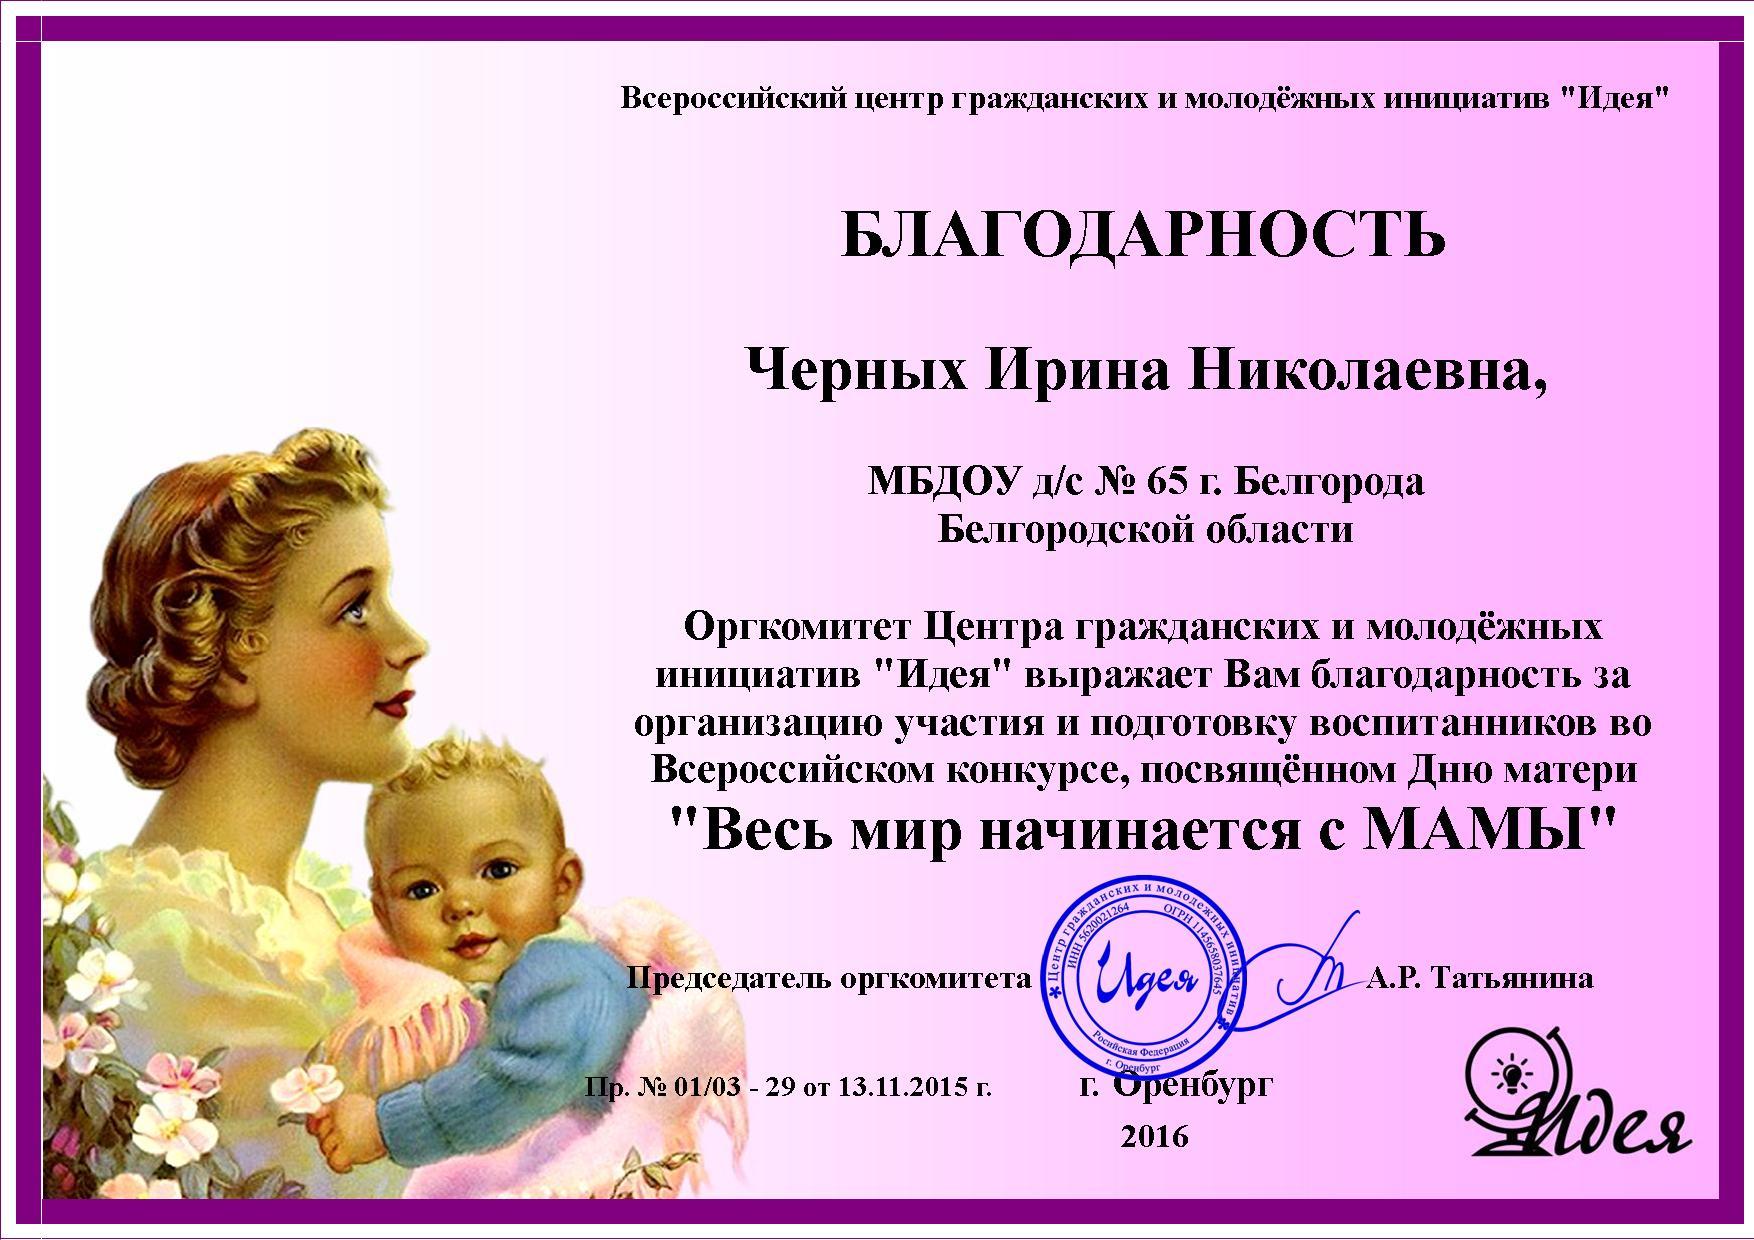 Благодарственное письмо-Черных Ирина Николаевна-64593